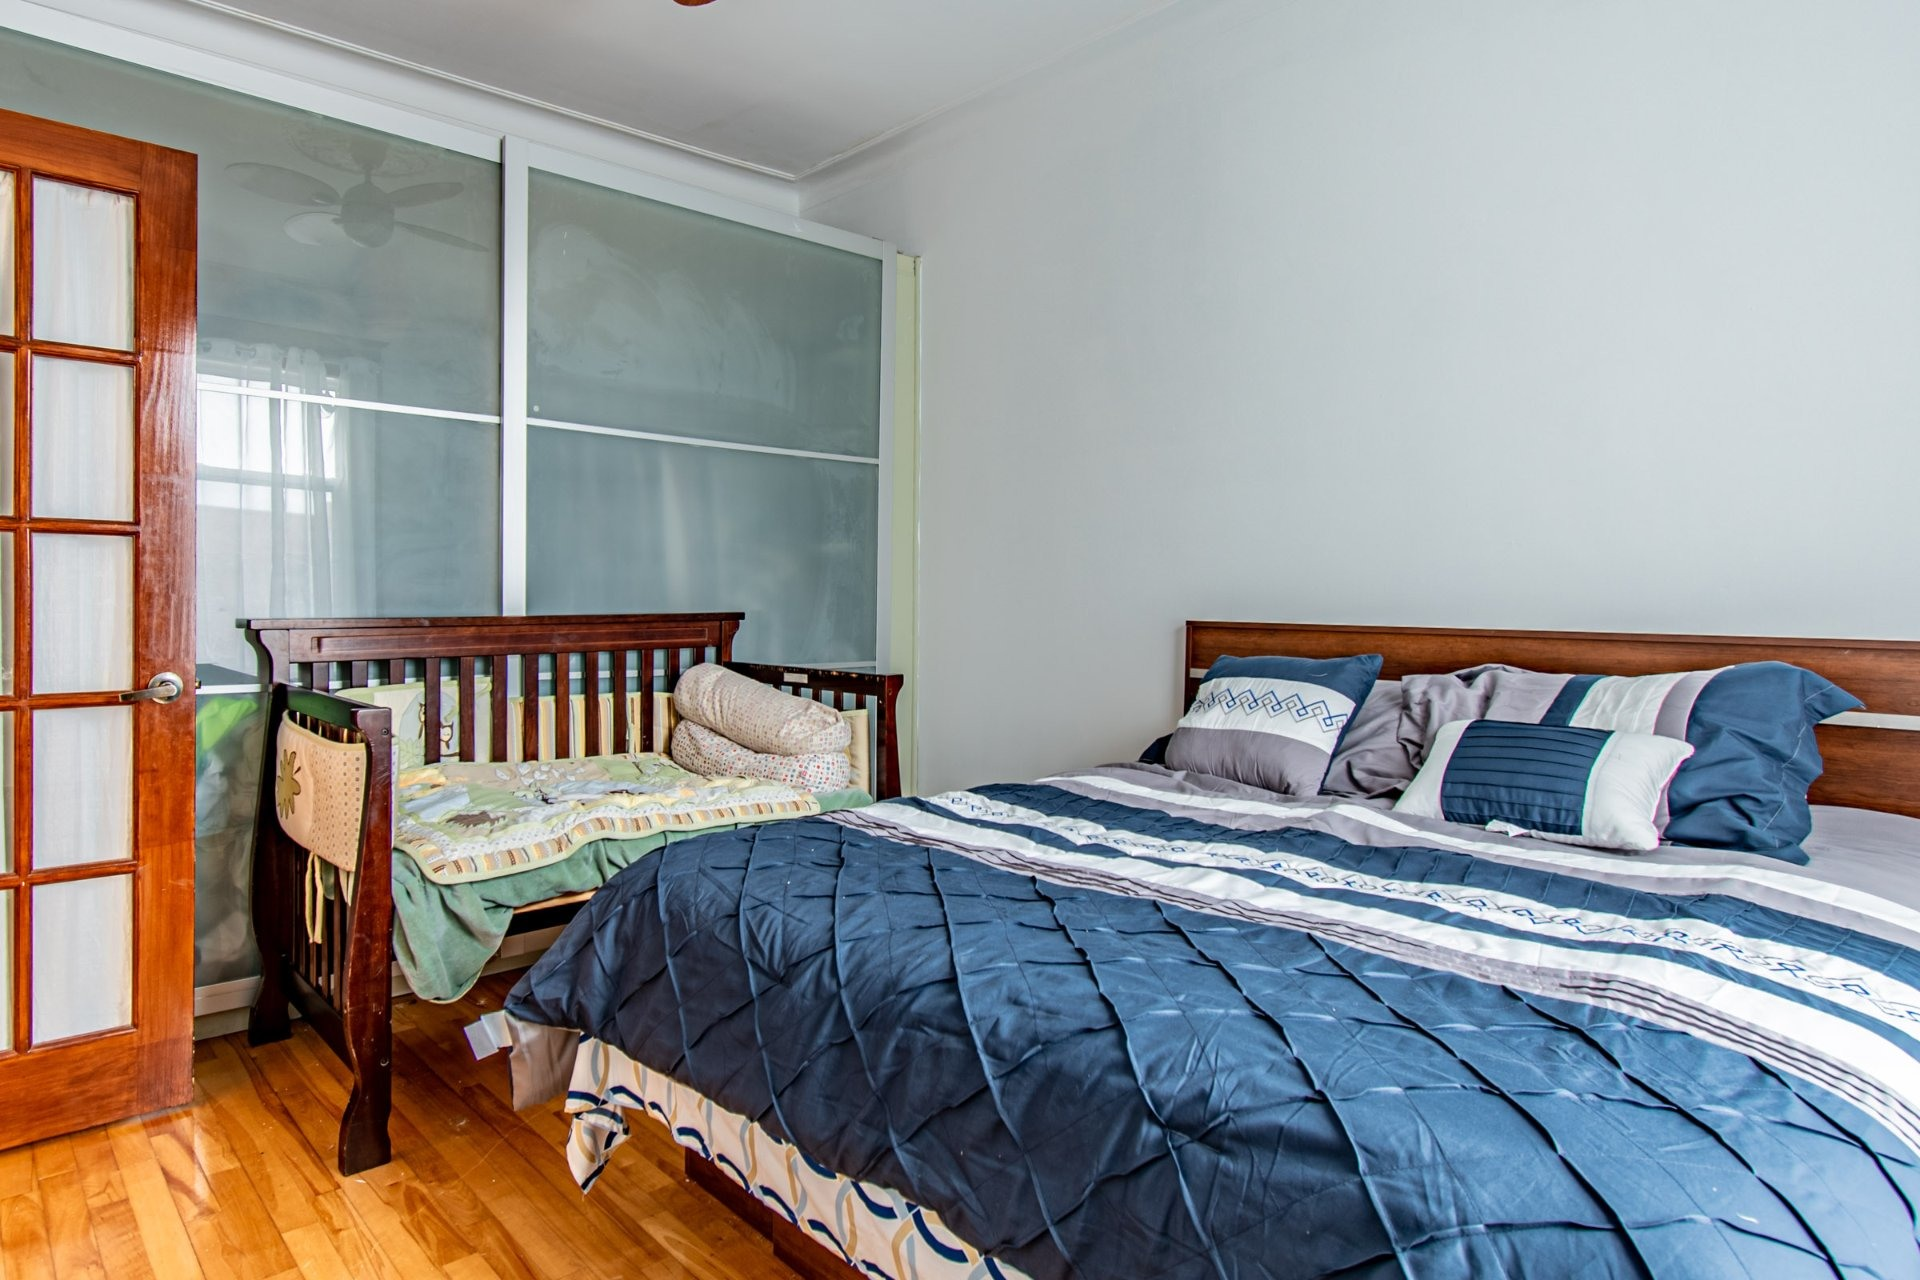 image 16 - Appartement À vendre Mercier/Hochelaga-Maisonneuve Montréal  - 5 pièces